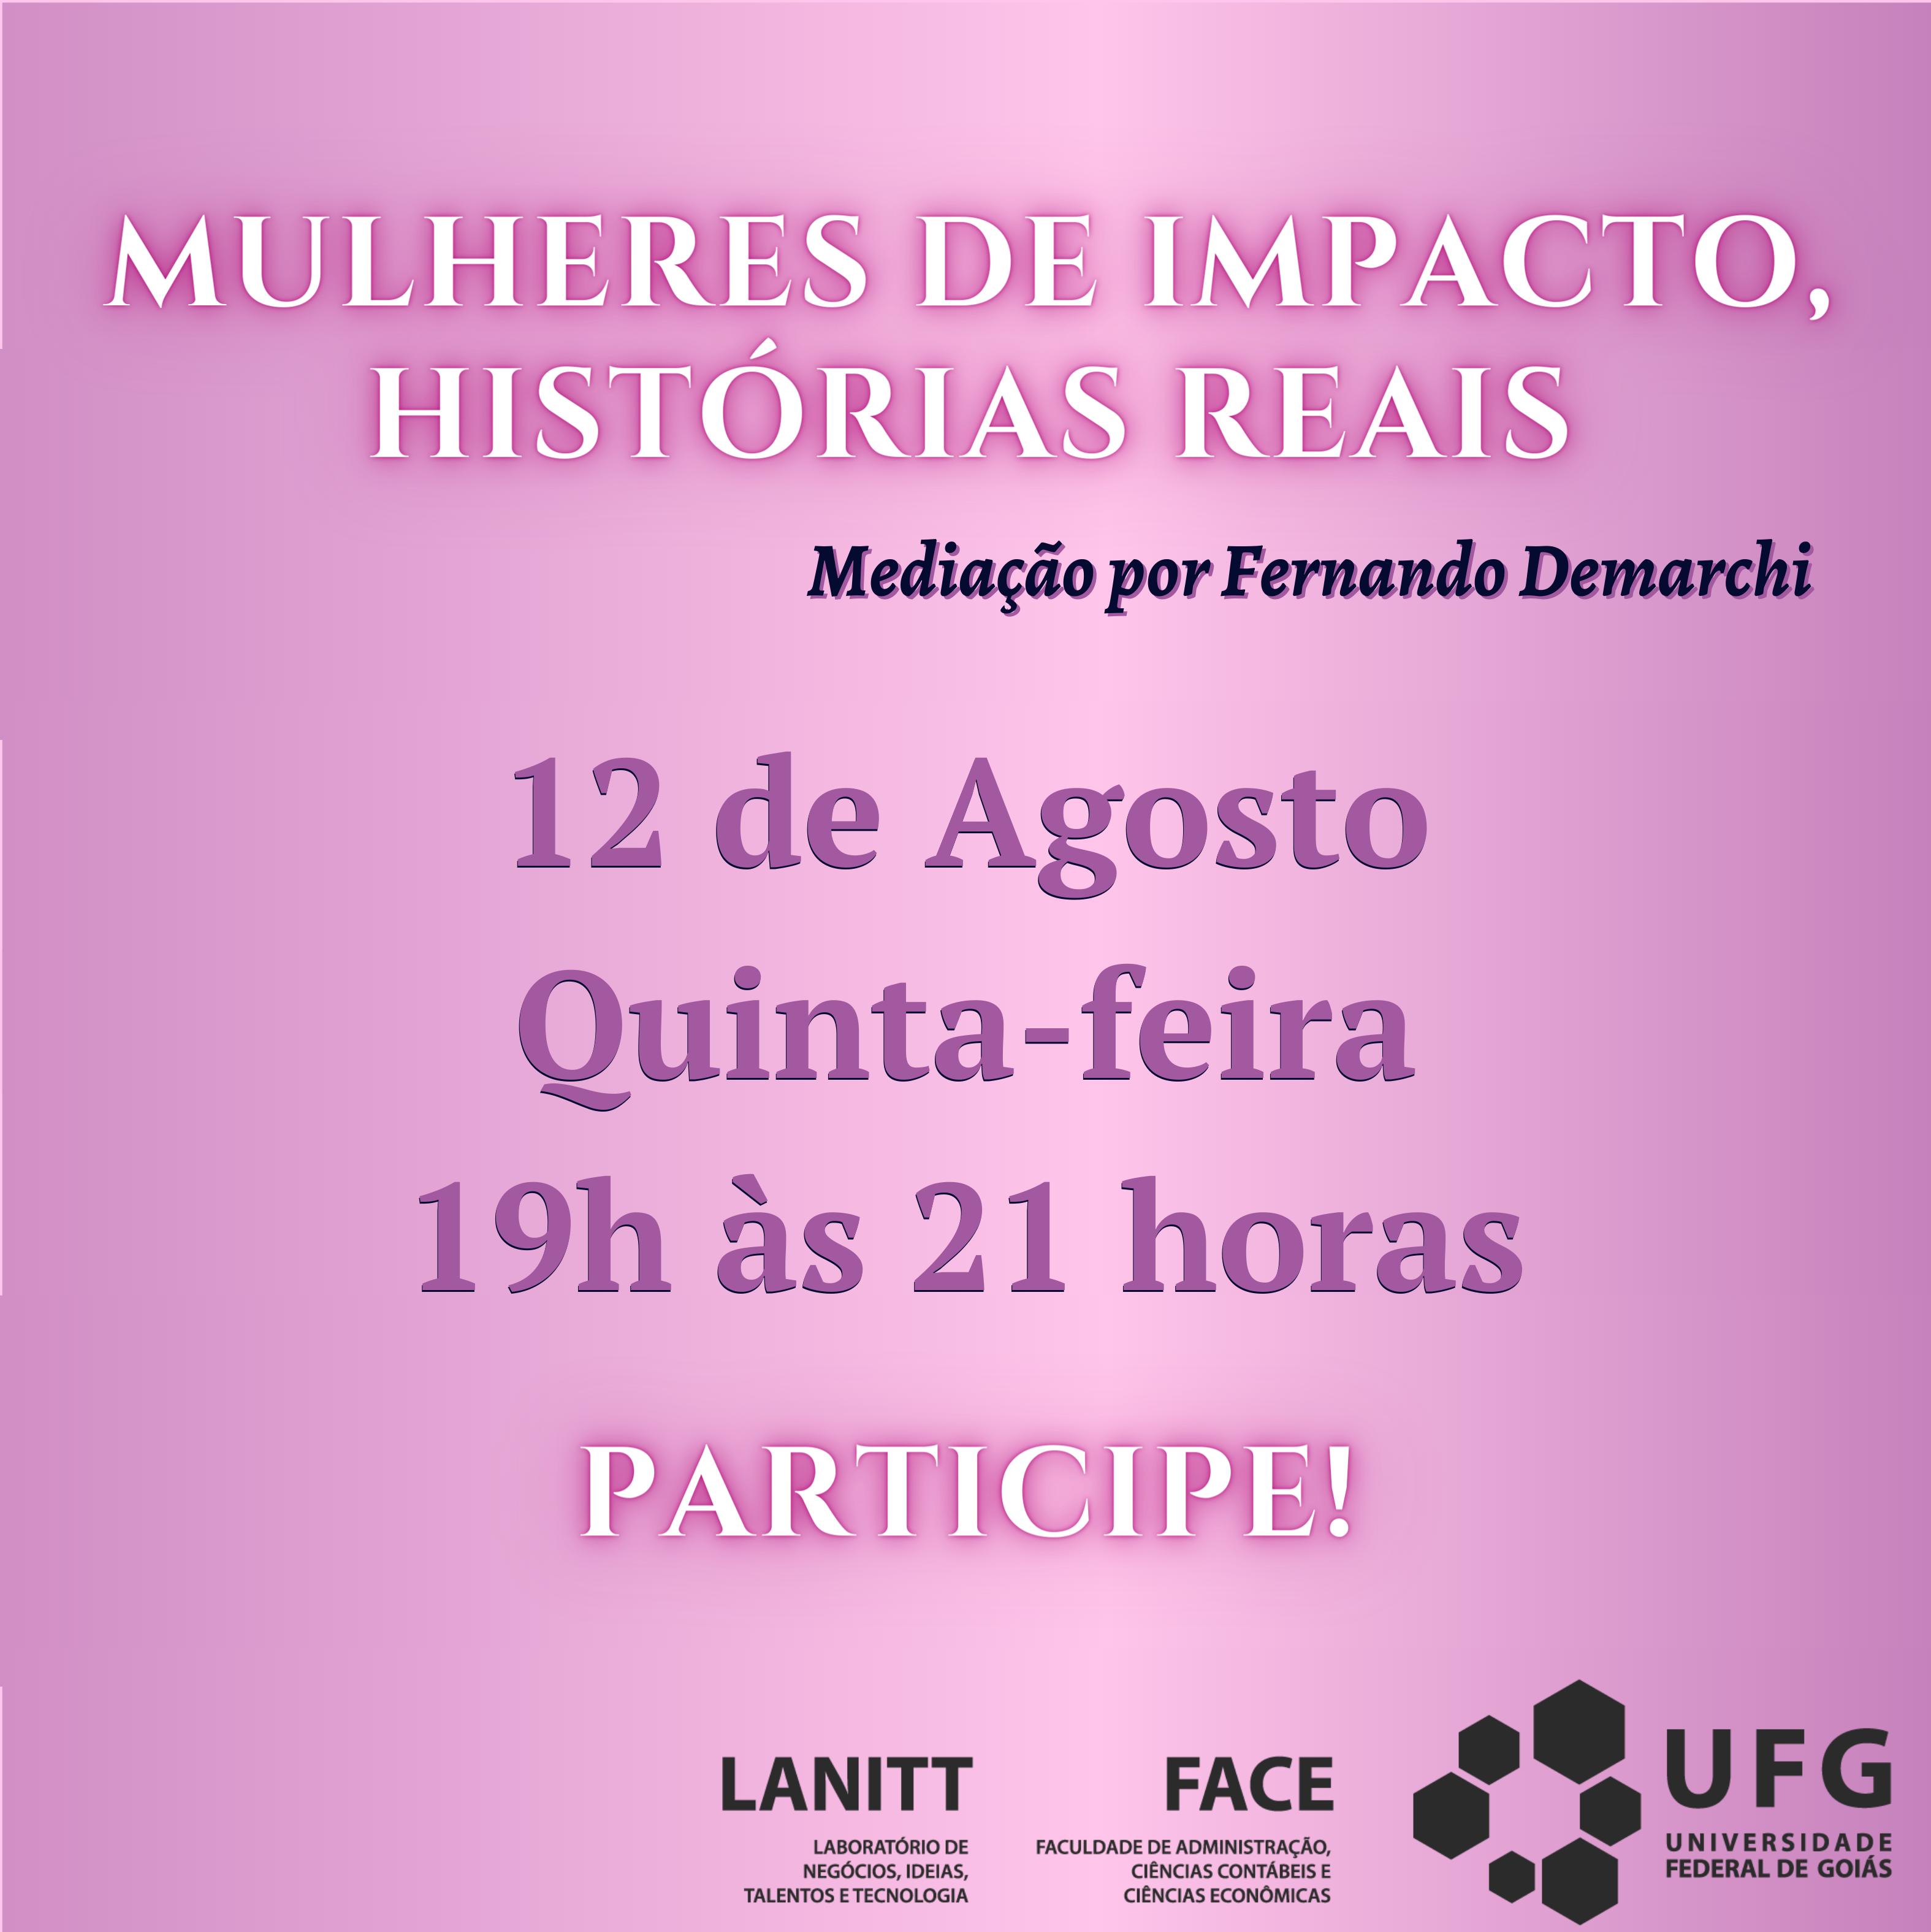 Mulheres de Impacto Evento 3a ed